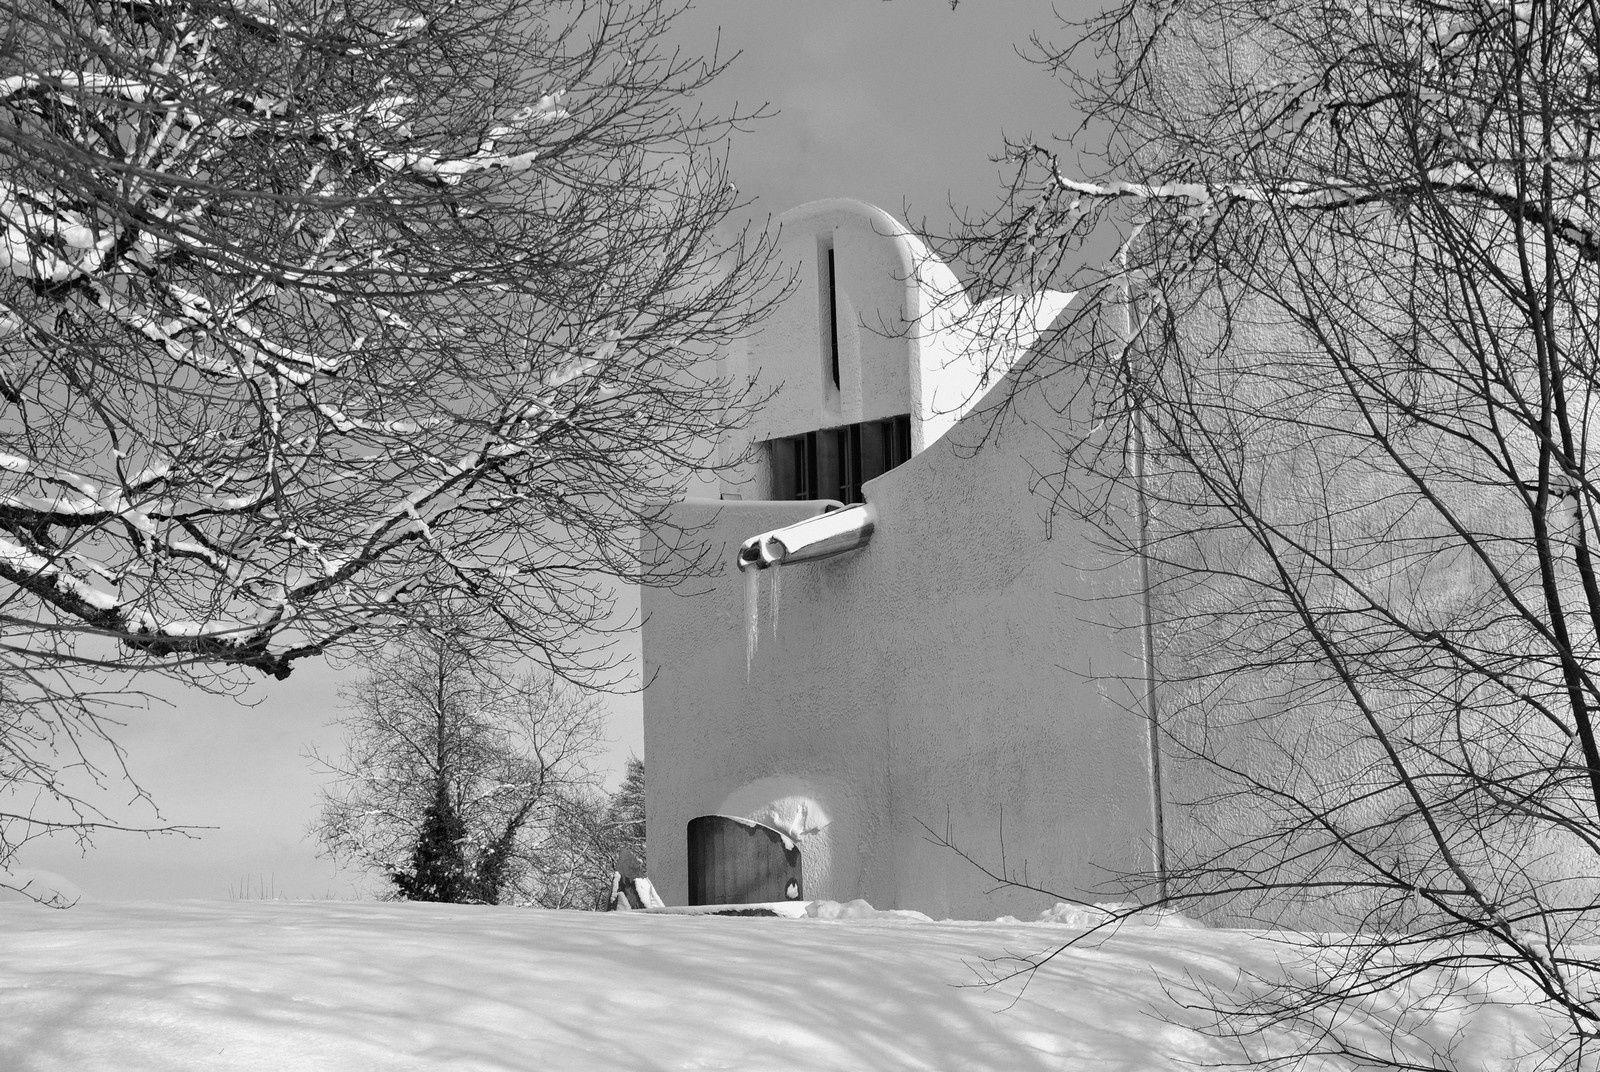 Neige chez Le Corbusier - Ronchamp